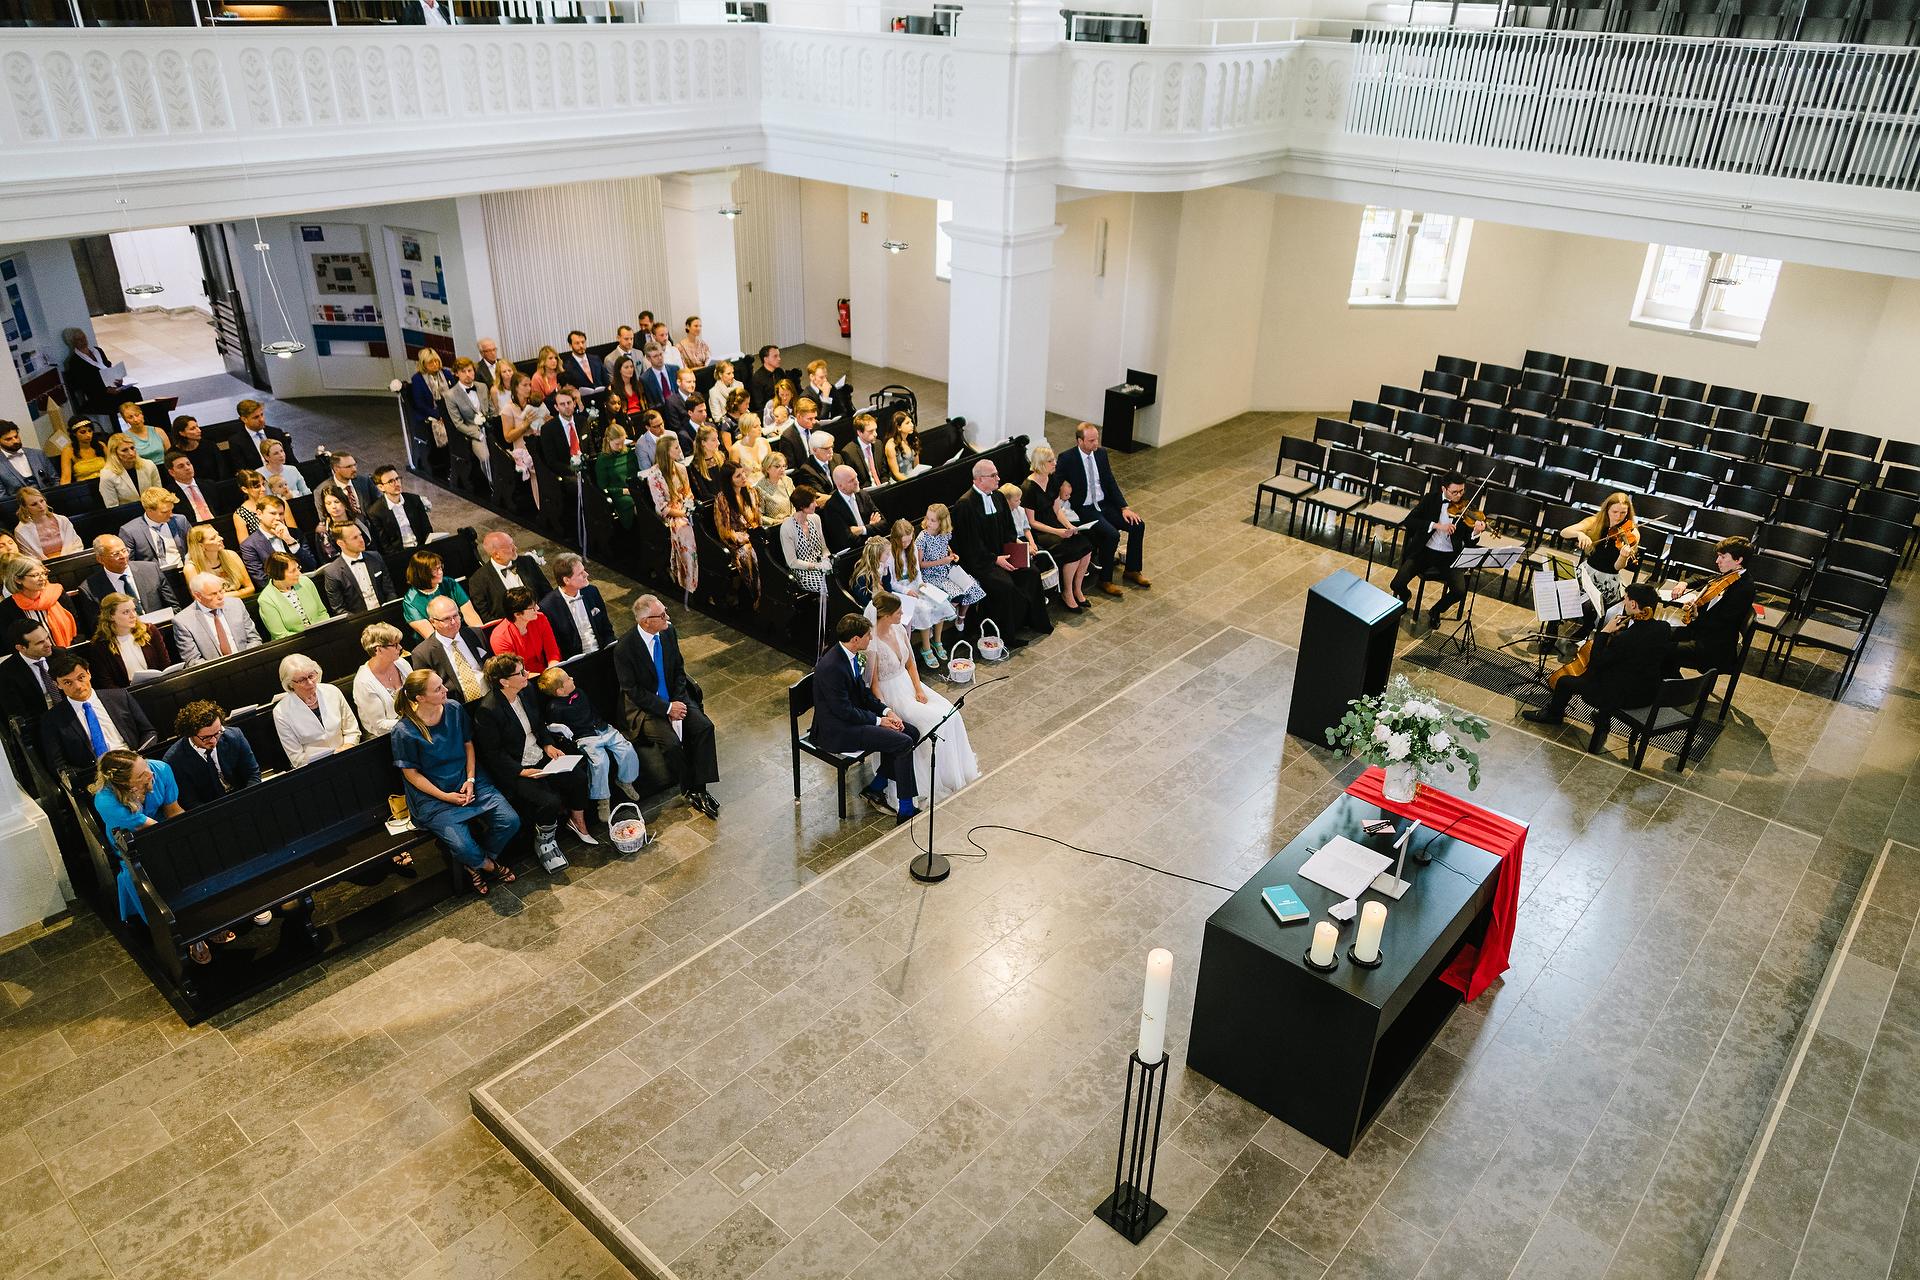 Fotograf Konstanz - Hochzeitsreportage Freiburg Hofgut Lilienhof Hochzeit Fotograf Konstanz 119 - Hochzeit in Freiburg und Hofgut Lilienhof  - 119 -